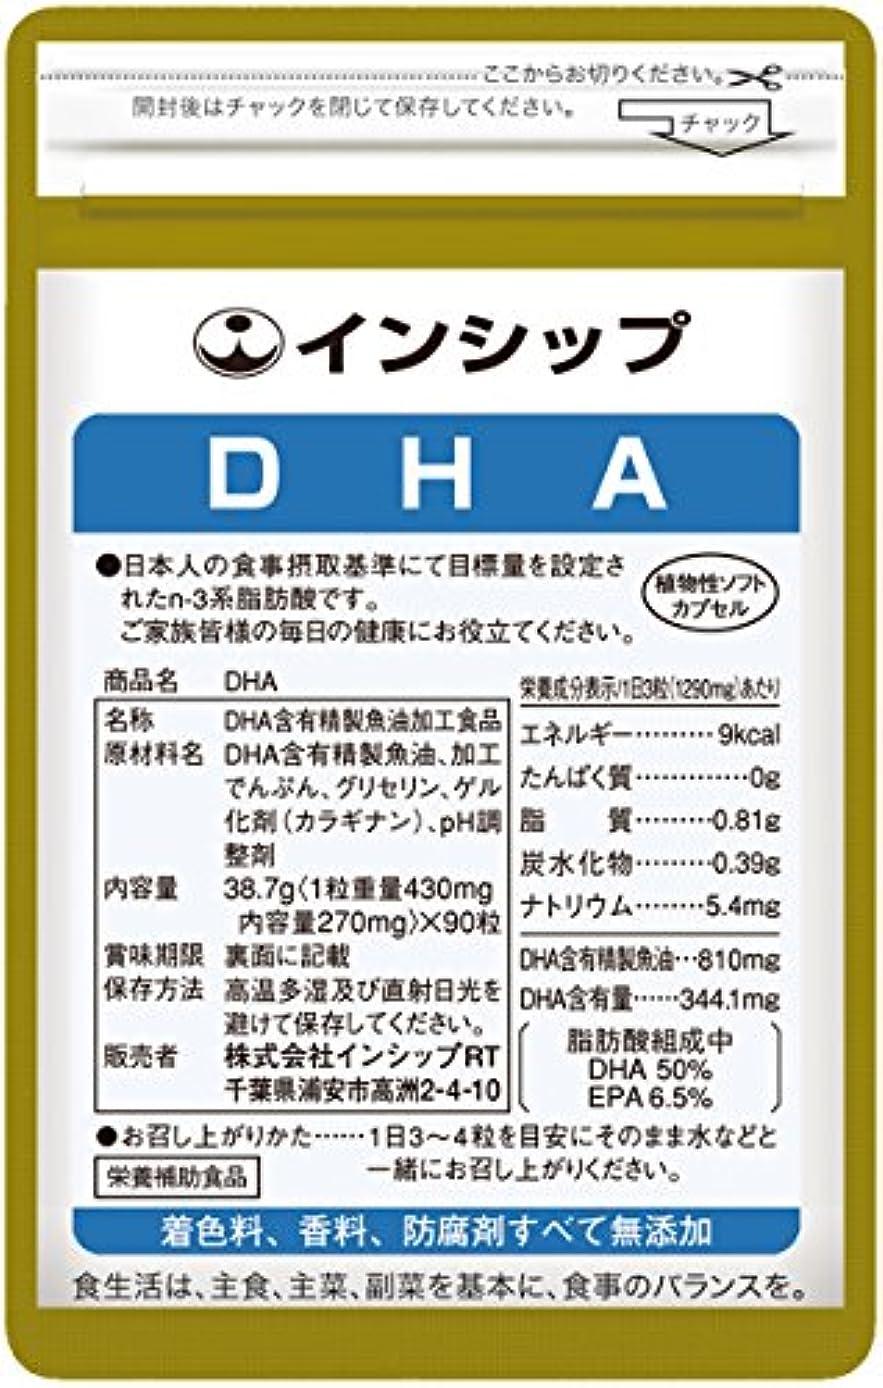 呪い獣ミットインシップ DHA(ドコサヘキサエン酸) 430mg×90粒 30日分